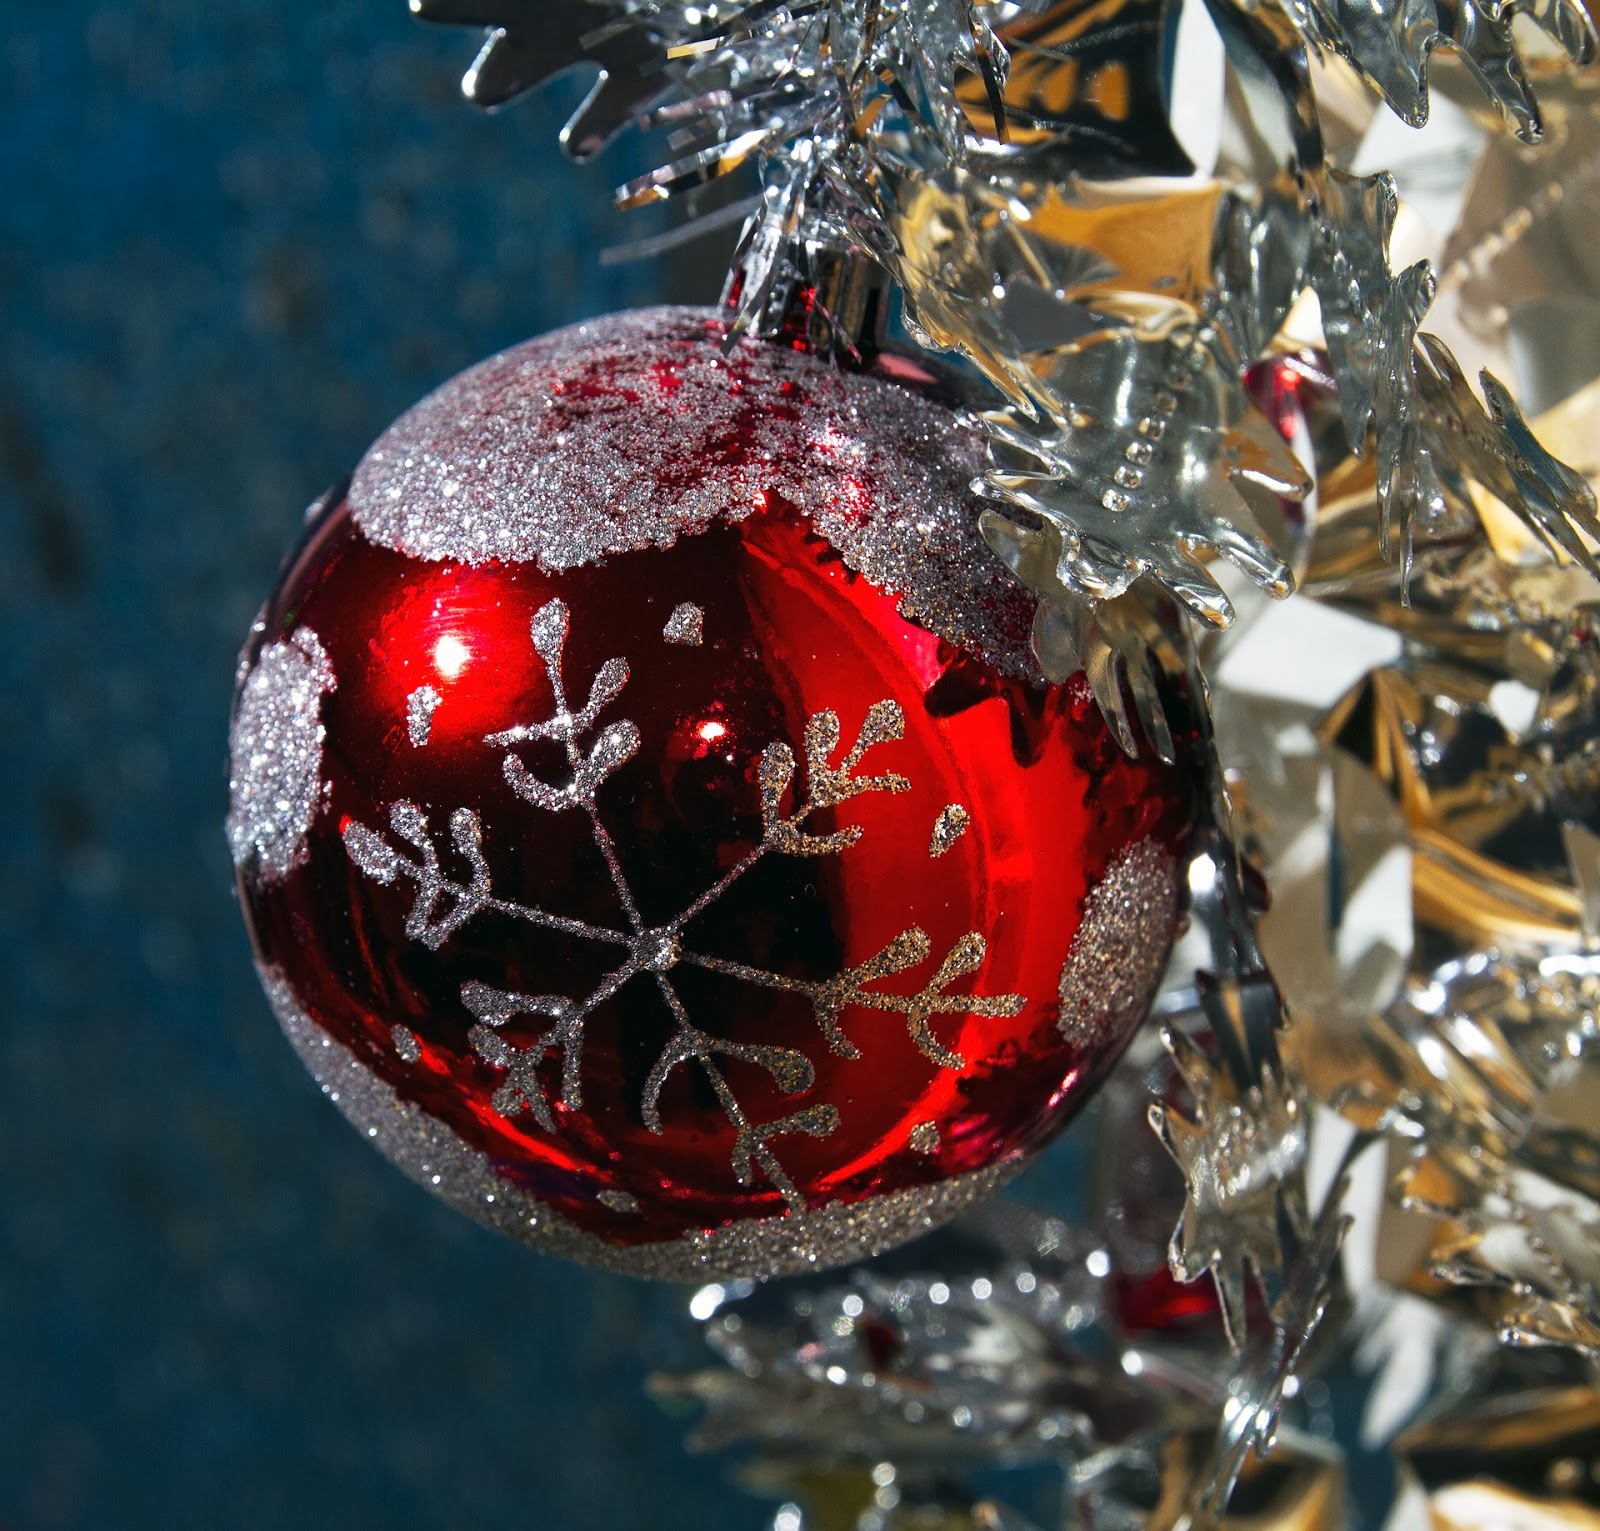 joulukuvia Ilmaisia kuvituskuvia: Ilmaiseksi joulukuvia joulukuvia